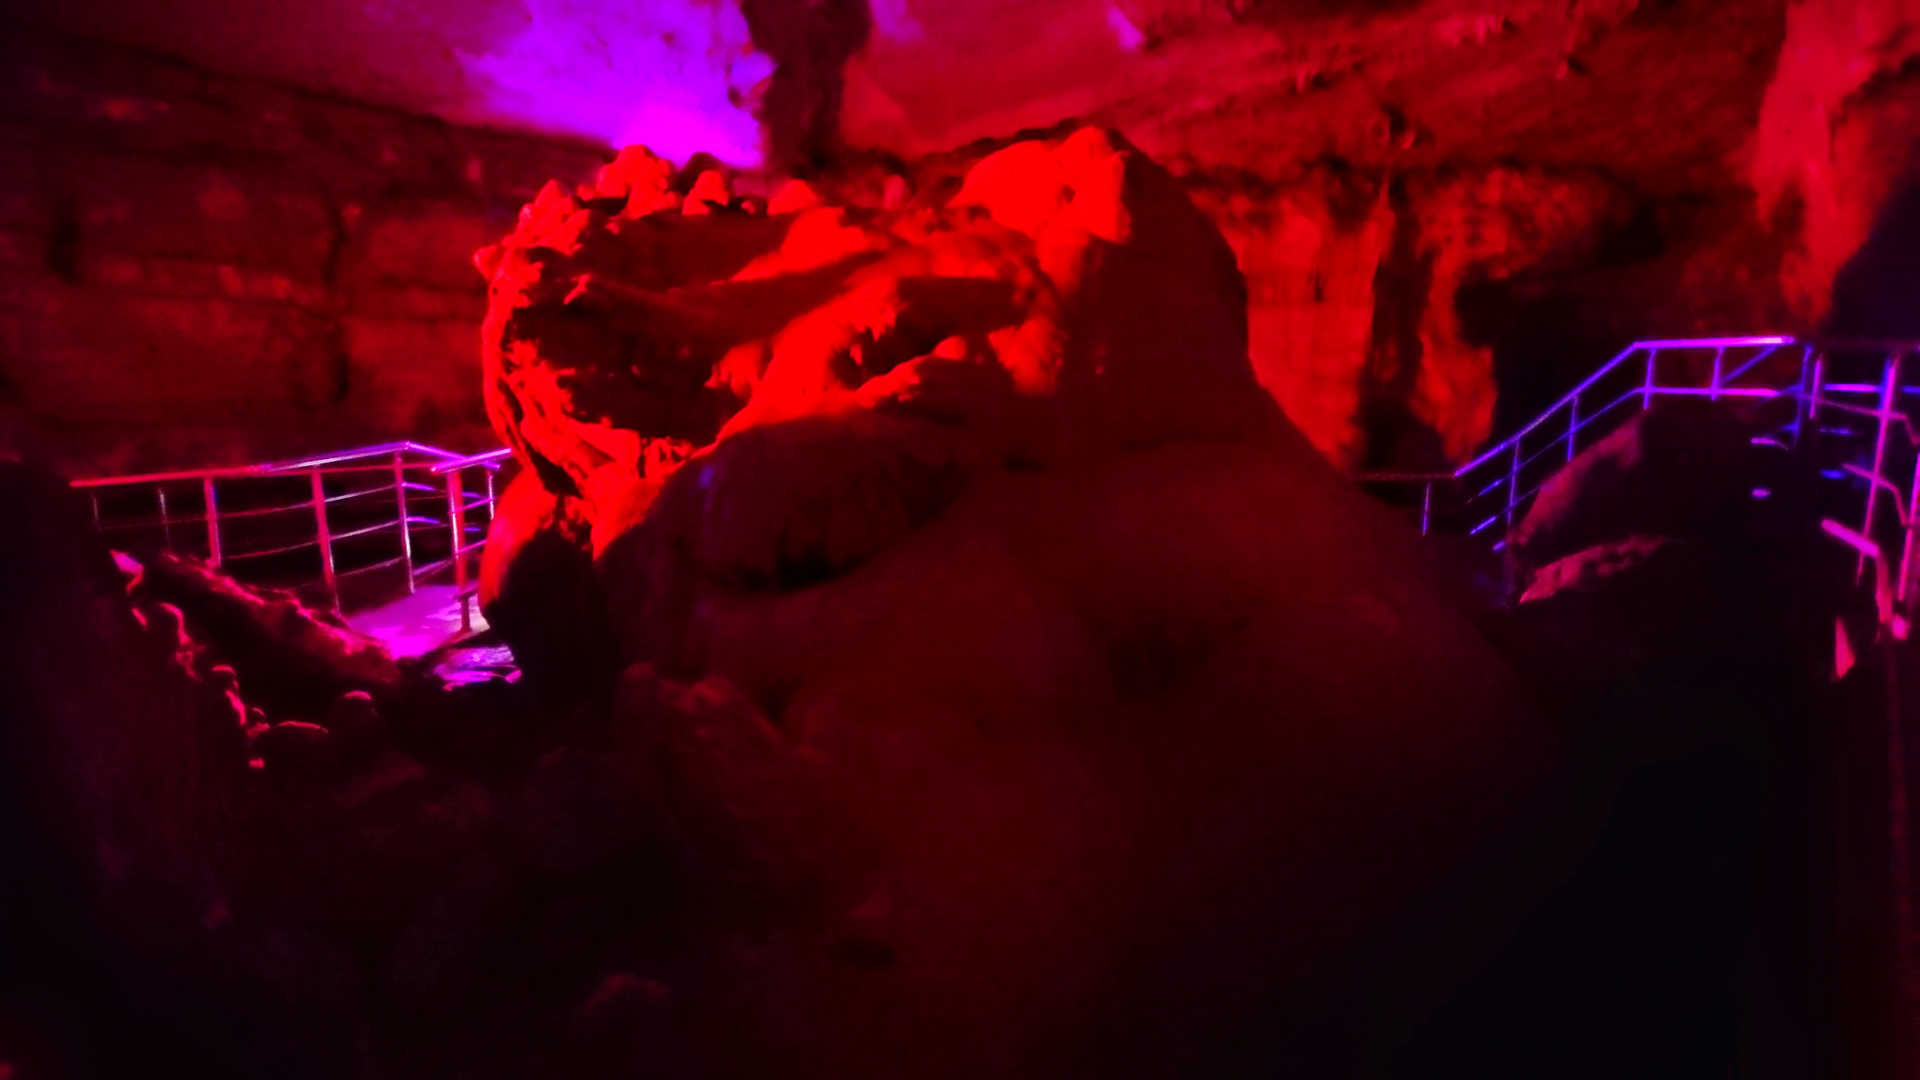 Kutaisi i okolice - rezerwat Sataplia - jaskinia - stalagmit w kształcie serca 3